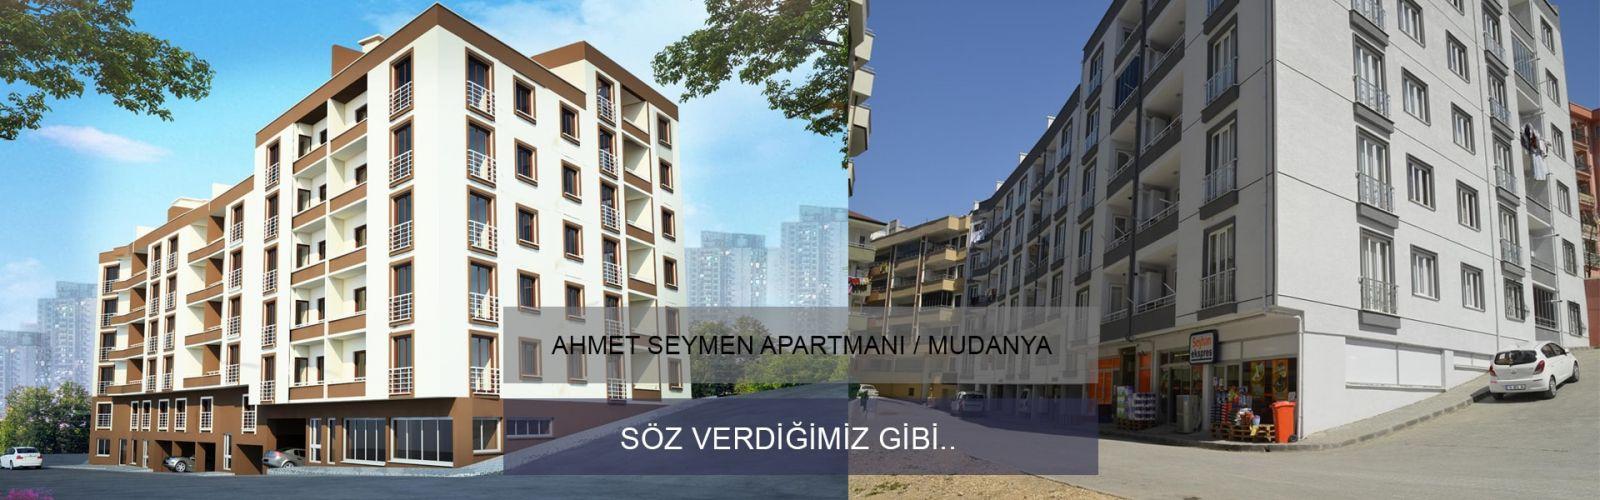 Ahmet Seymen Apartmanı İnşaatı